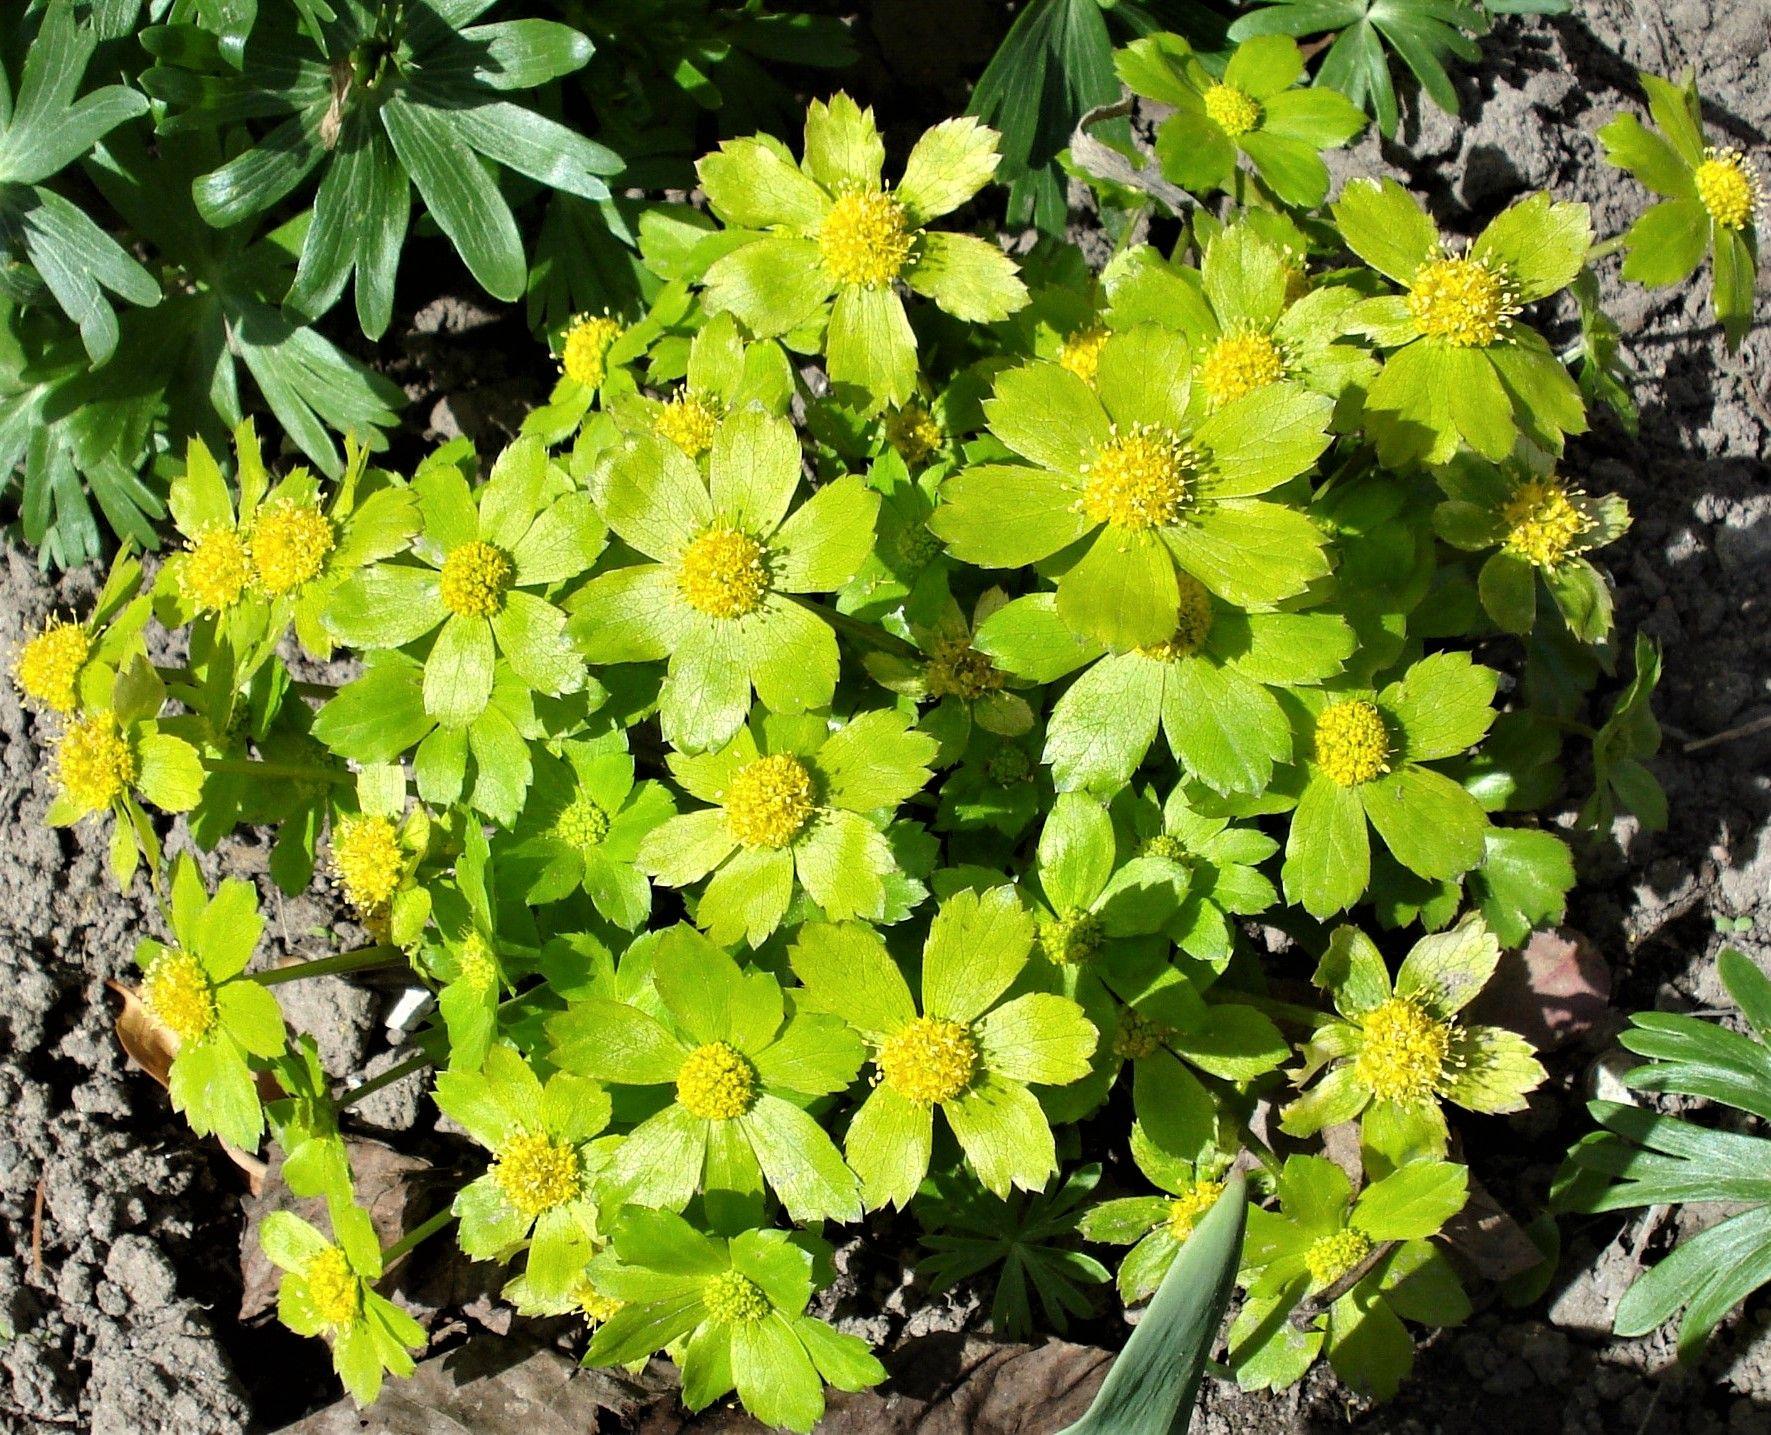 Zielone Kwiatki Kwitnace Wczesna Wiosna Cieszynianka Wiosenna Plants